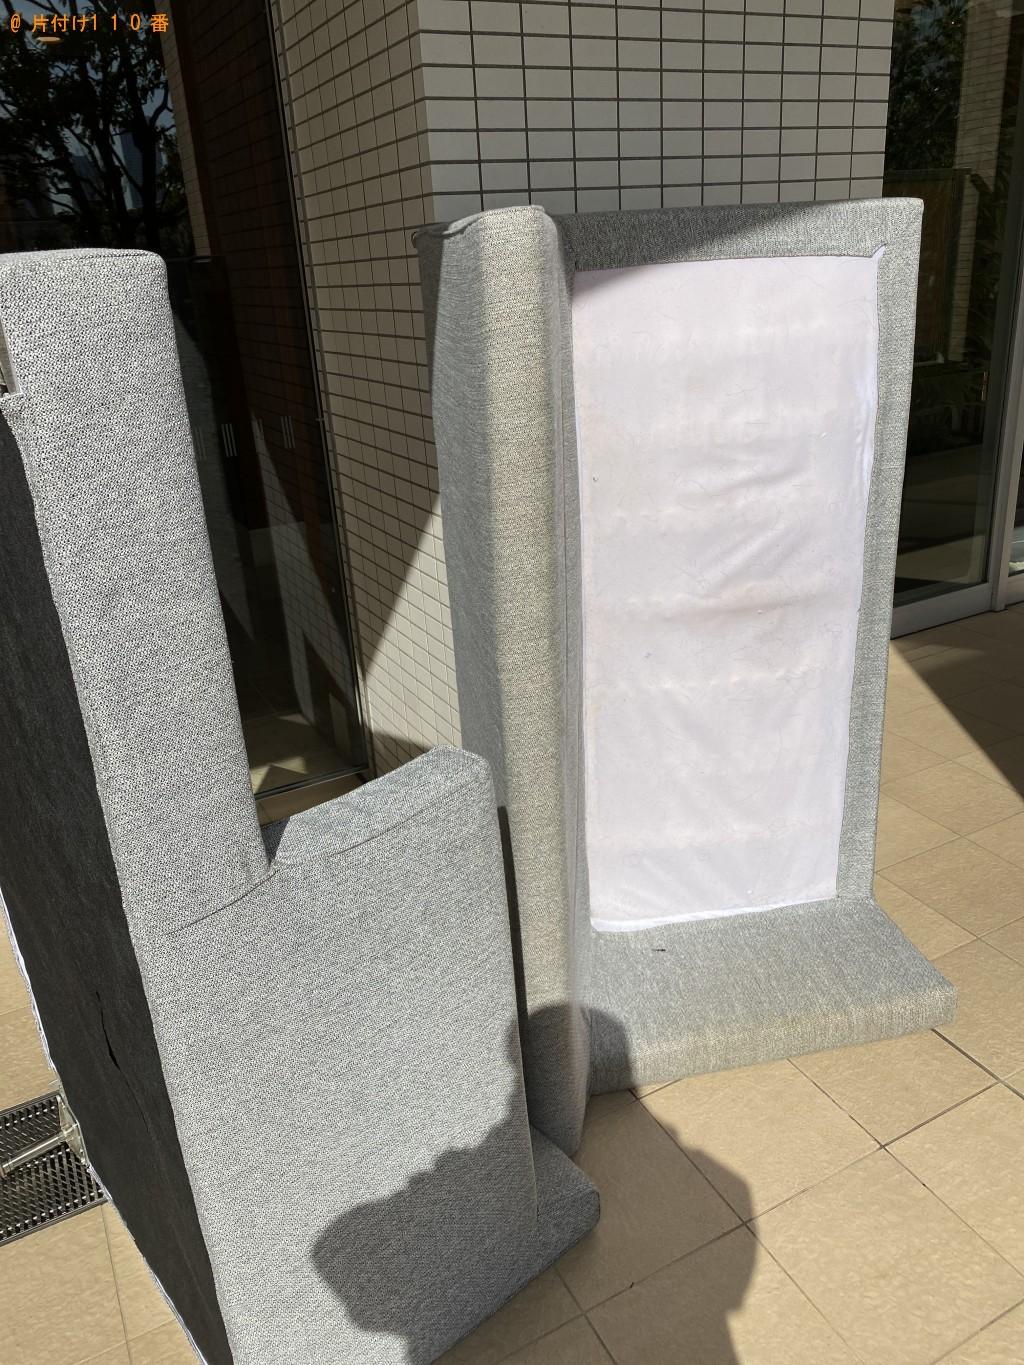 【江東区】L字のソファーの回収・処分ご依頼 お客様の声